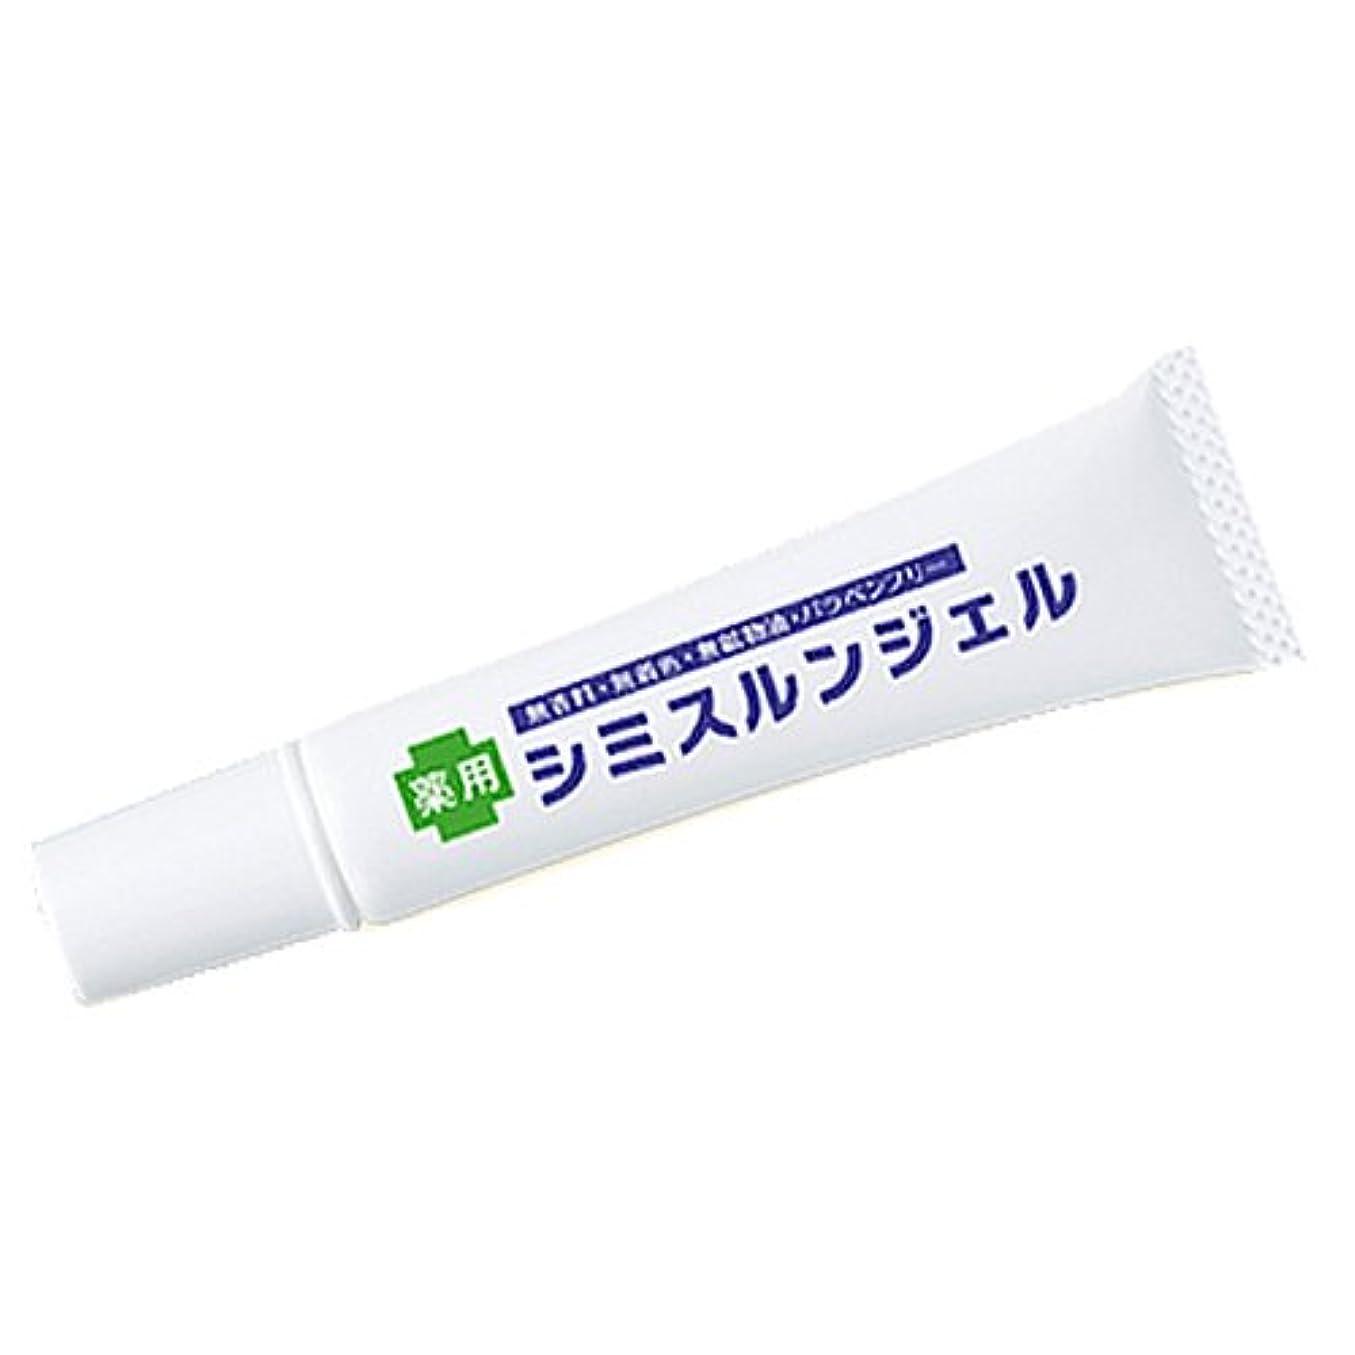 評価放棄する恐怖ナクナーレ 薬用シミスルンジェル 医薬部外品